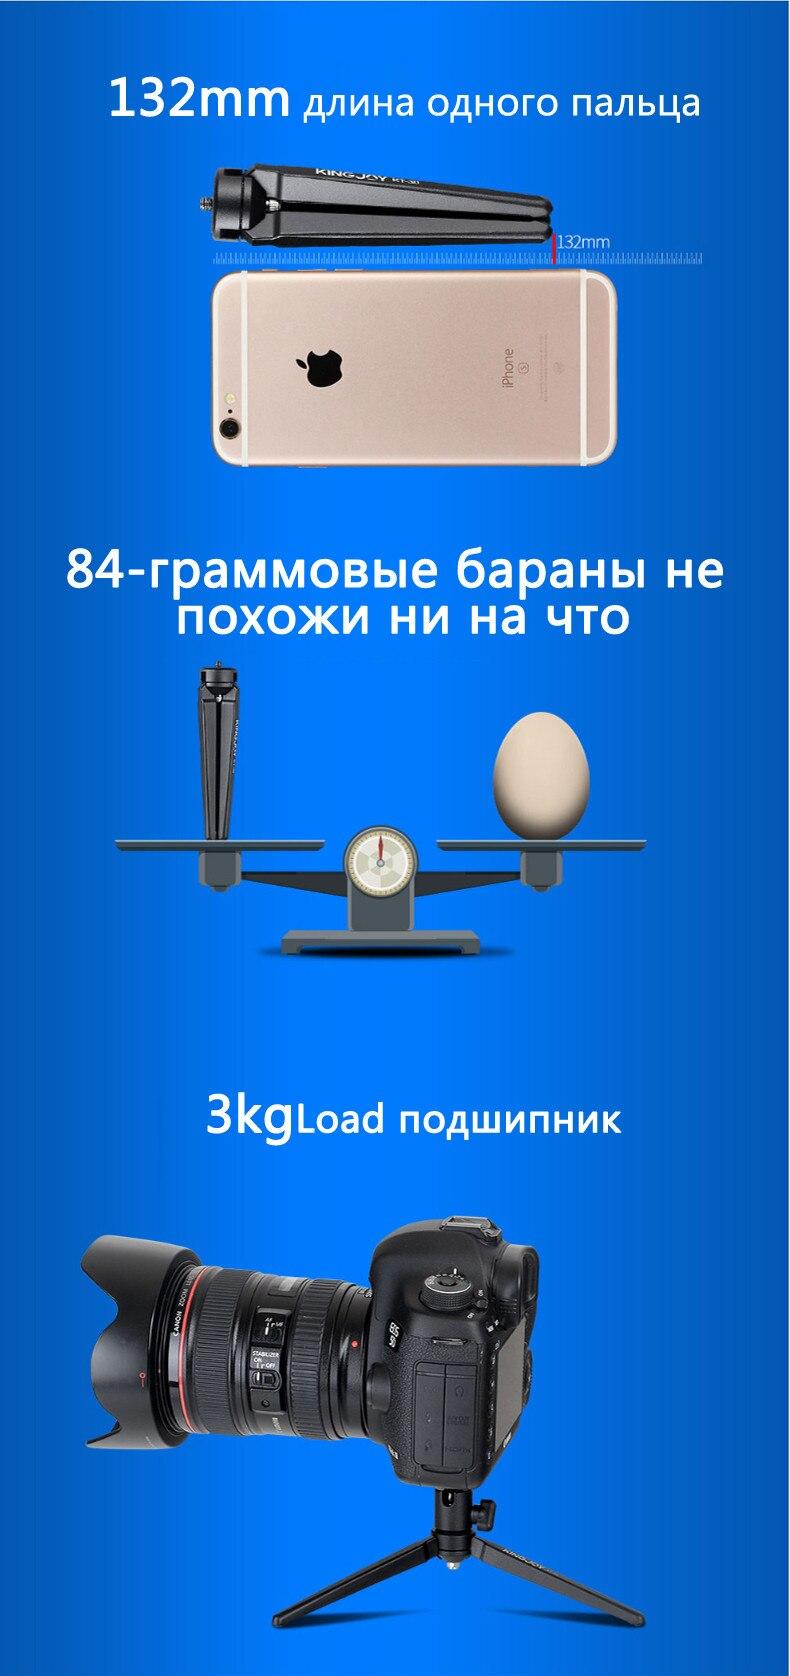 HTB1R9vMKeuSBuNjSsziq6zq8pXas